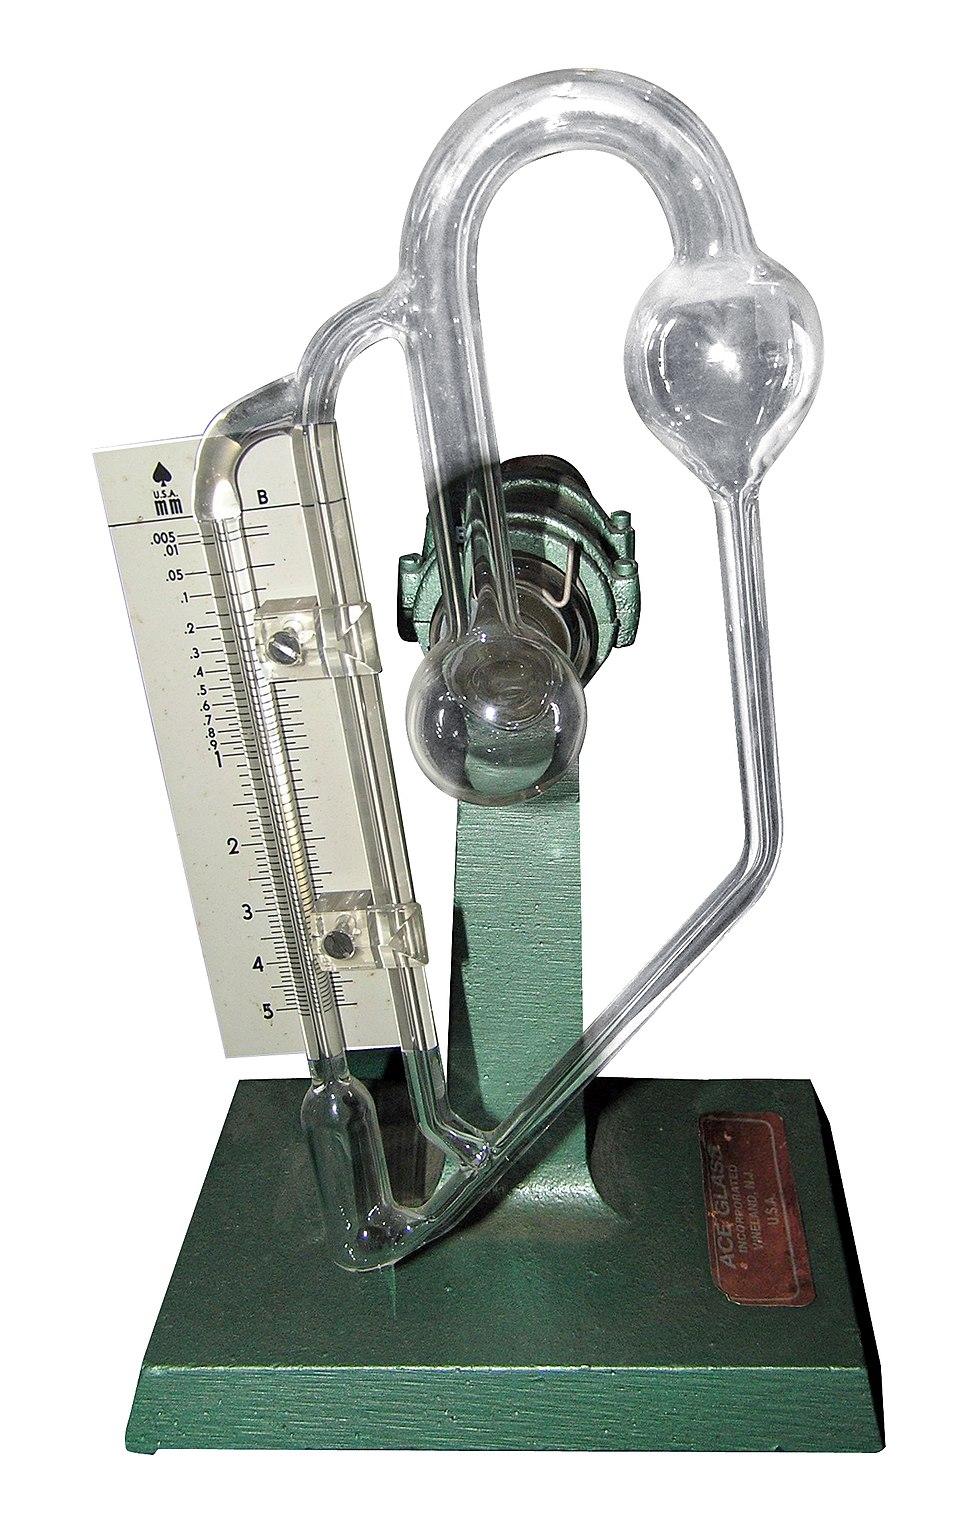 McLeod gauge 01